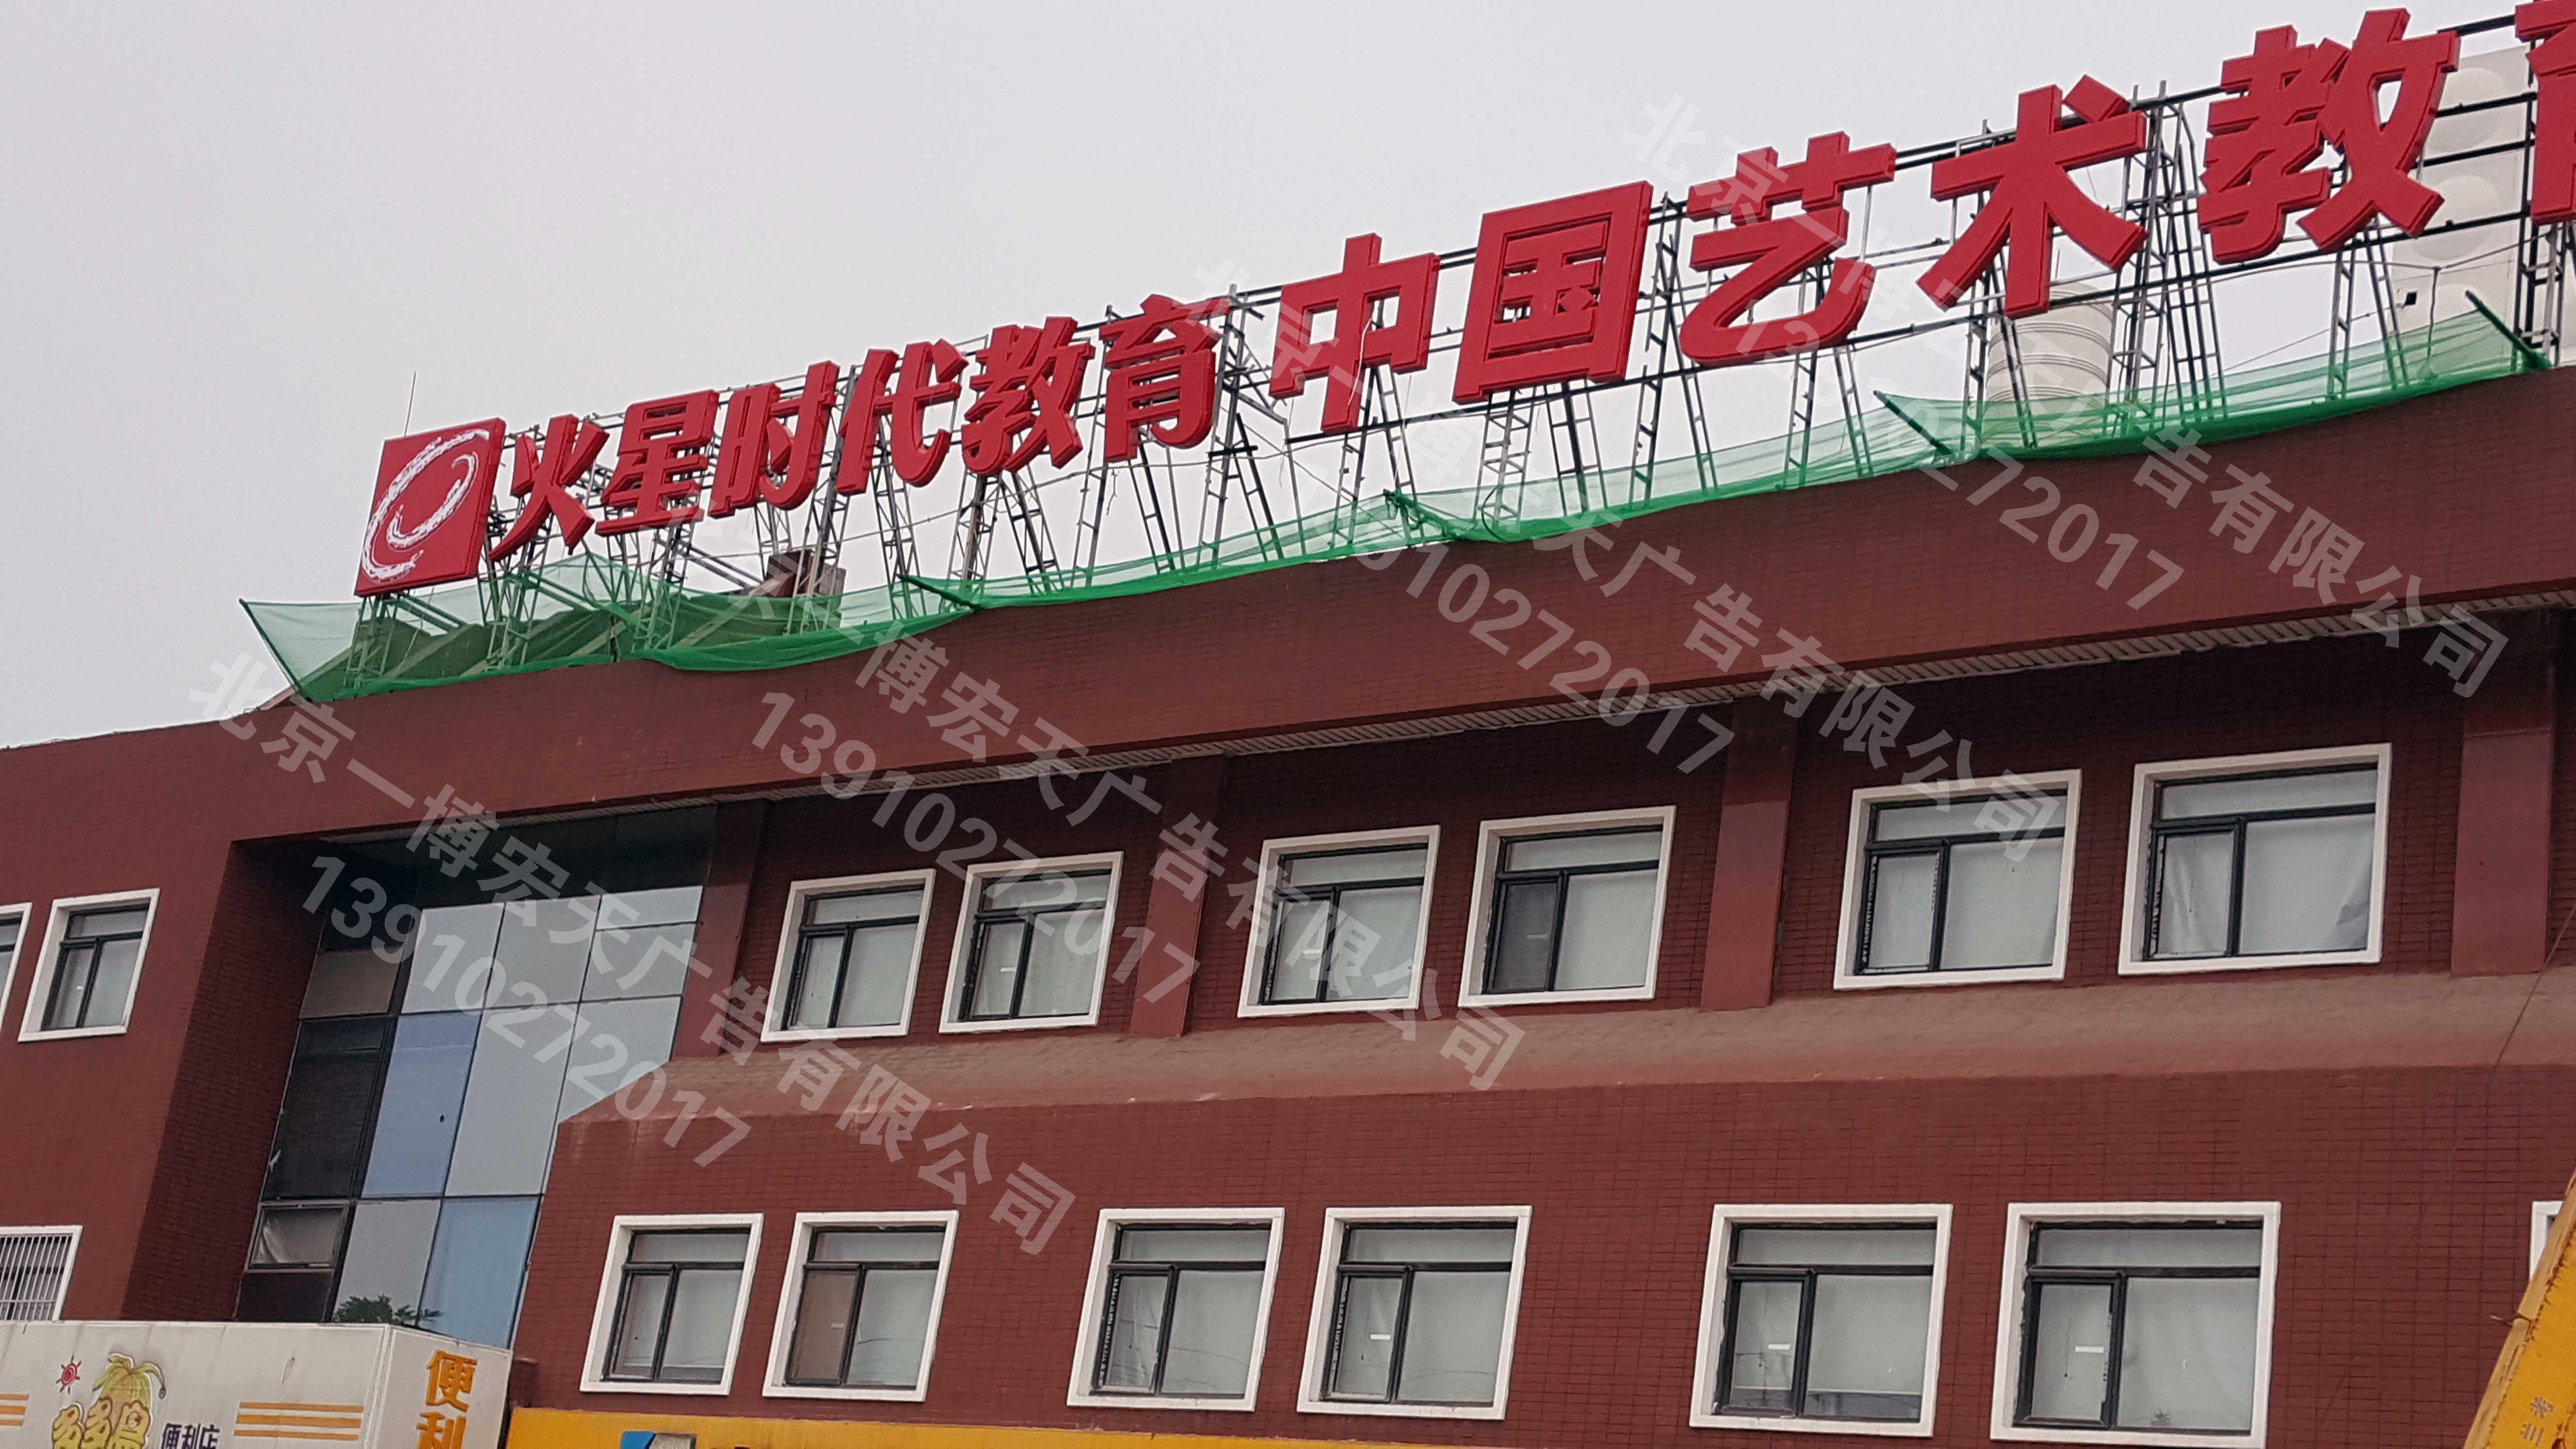 北京丰台更专业的北京楼顶发光大字 楼顶LED发光字